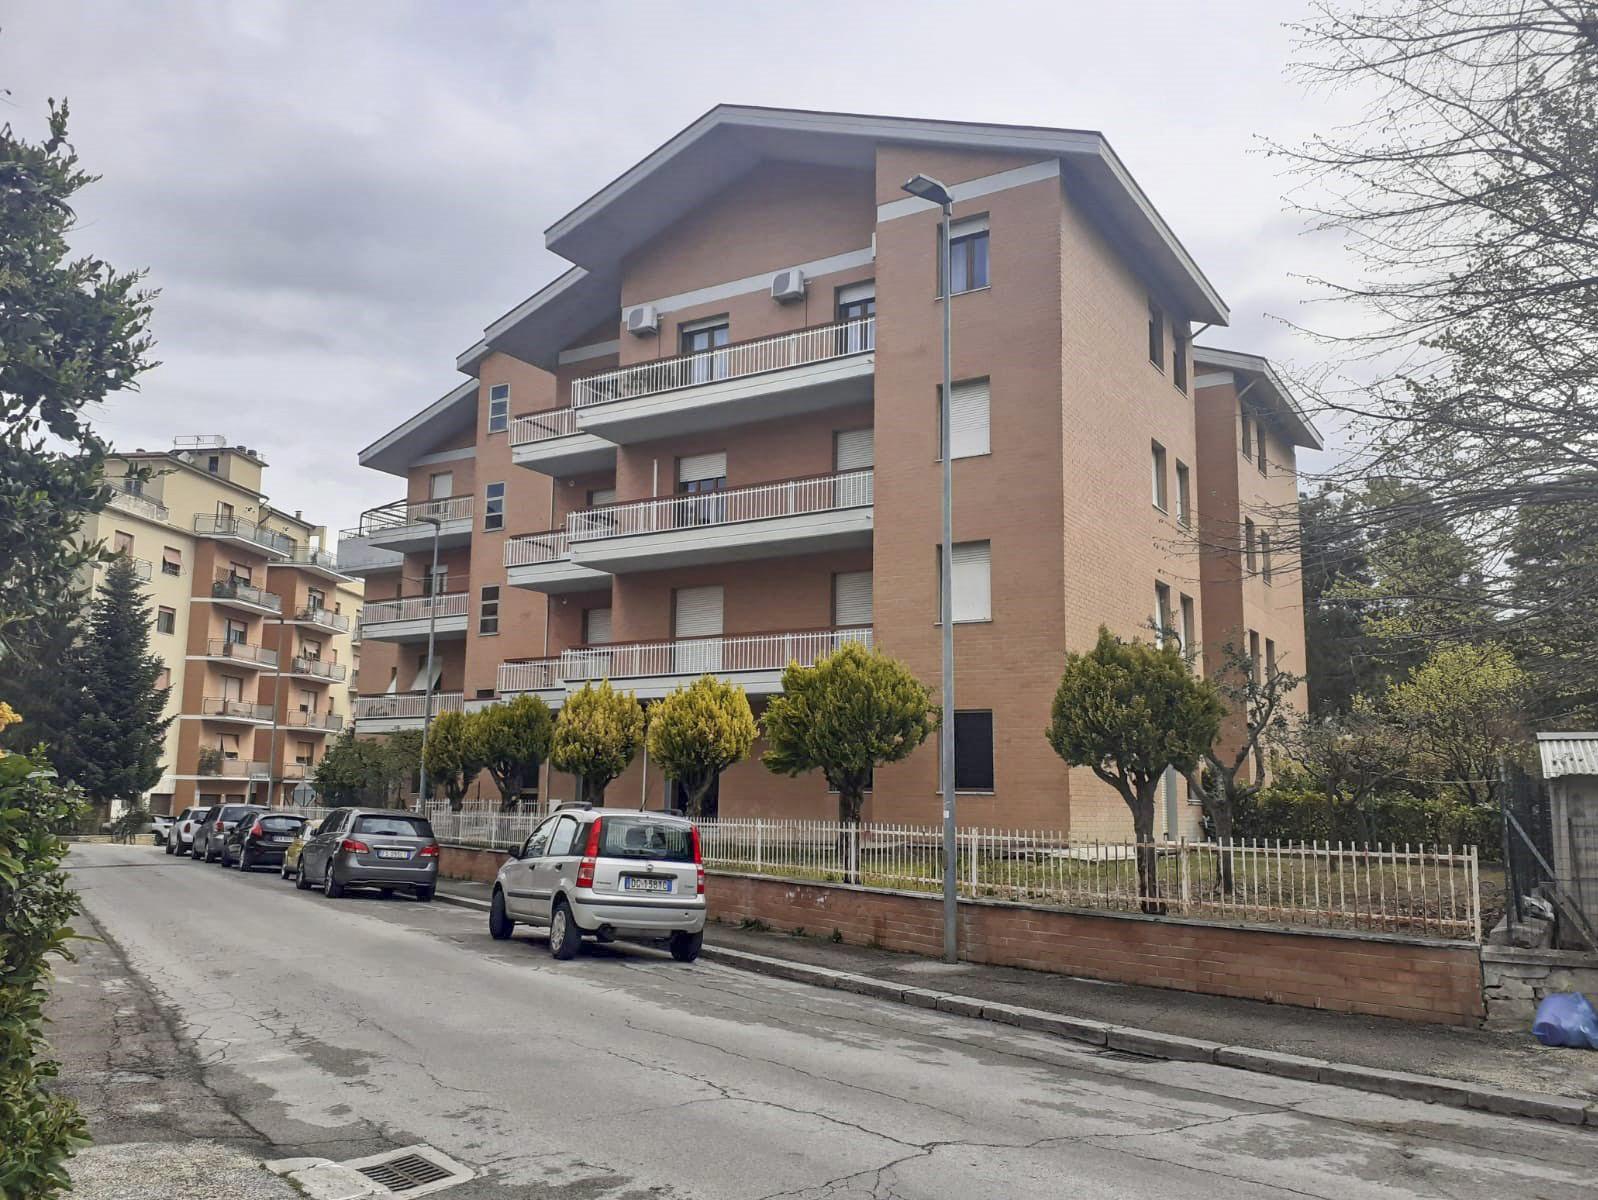 Appartamento con terrazzo abitabile –  Zona Colleverde, Macerata